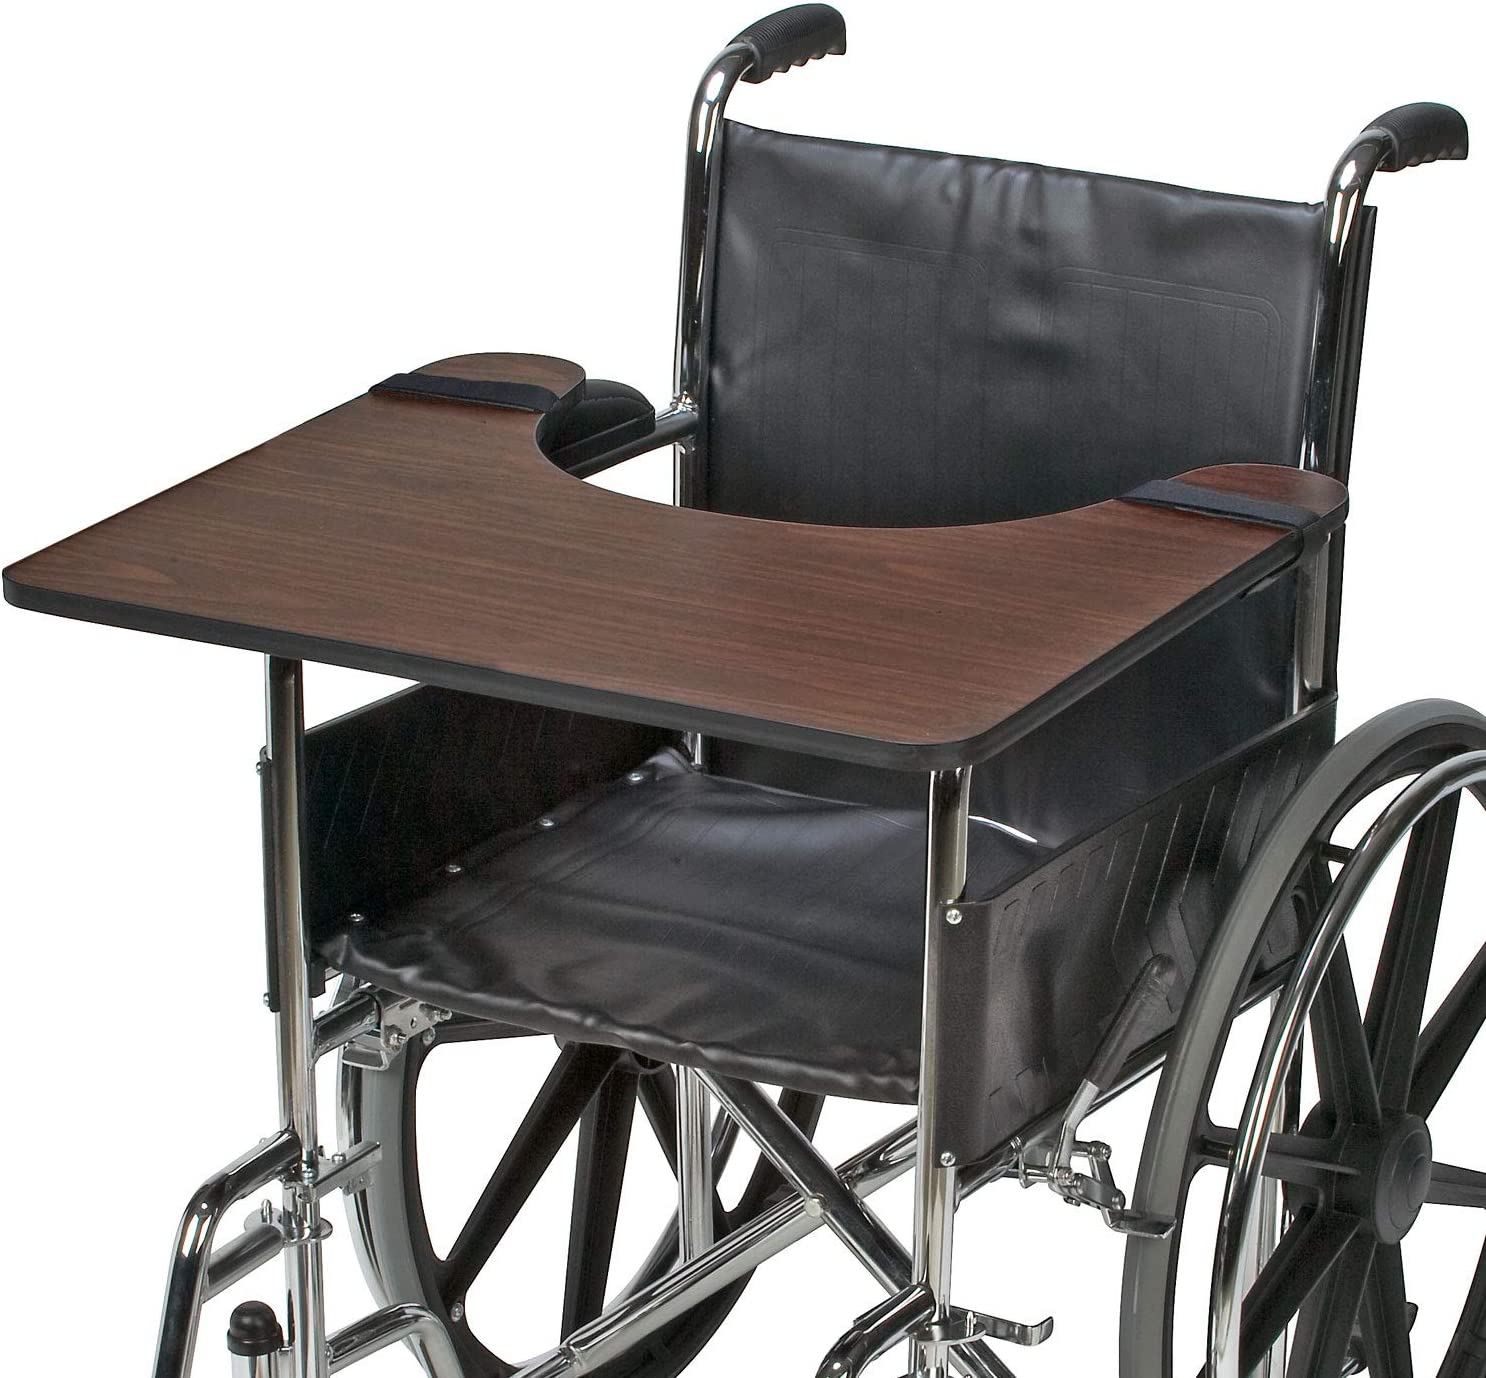 DMI Wheelchair Tray, Wood Wheelchair Lap Tray, Wheelchair Table